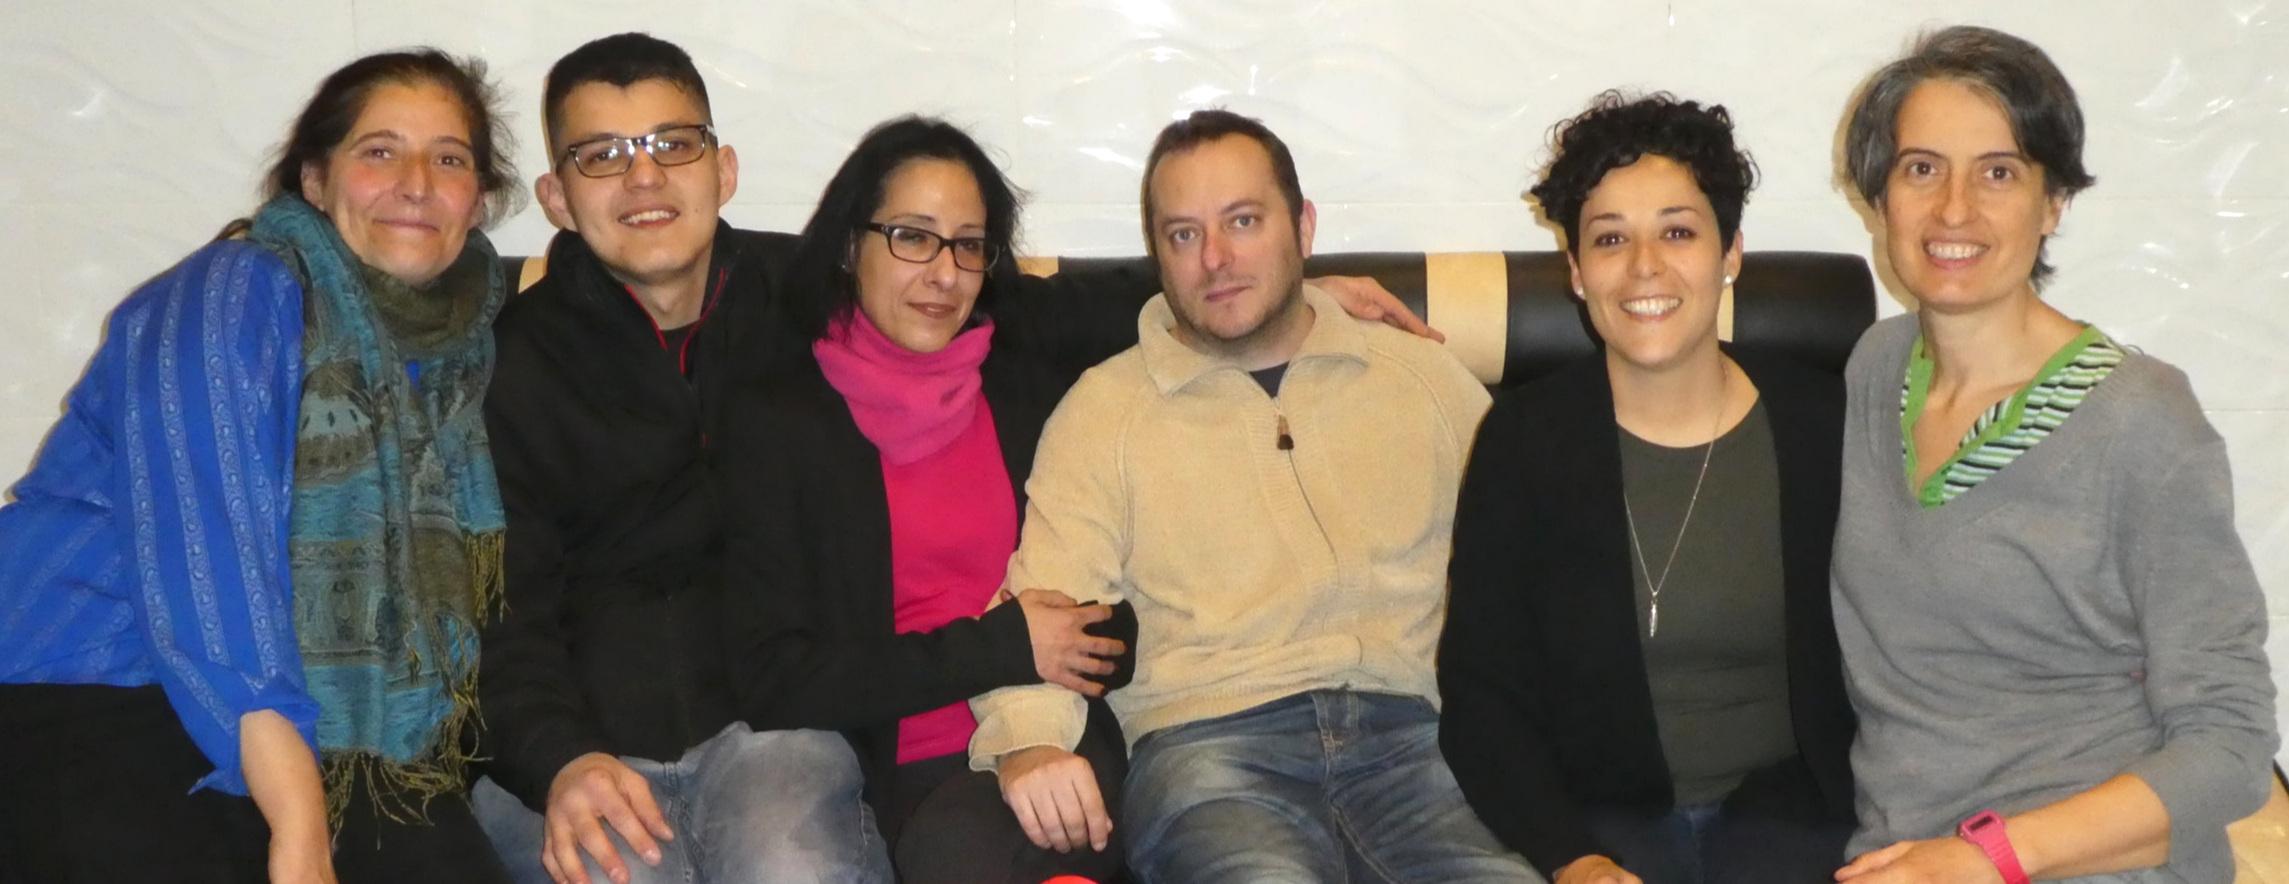 Elena, Hamilton, Noelia, Ángel, Sandra y Queralt en una reunión de trabajo (febrero 2019)